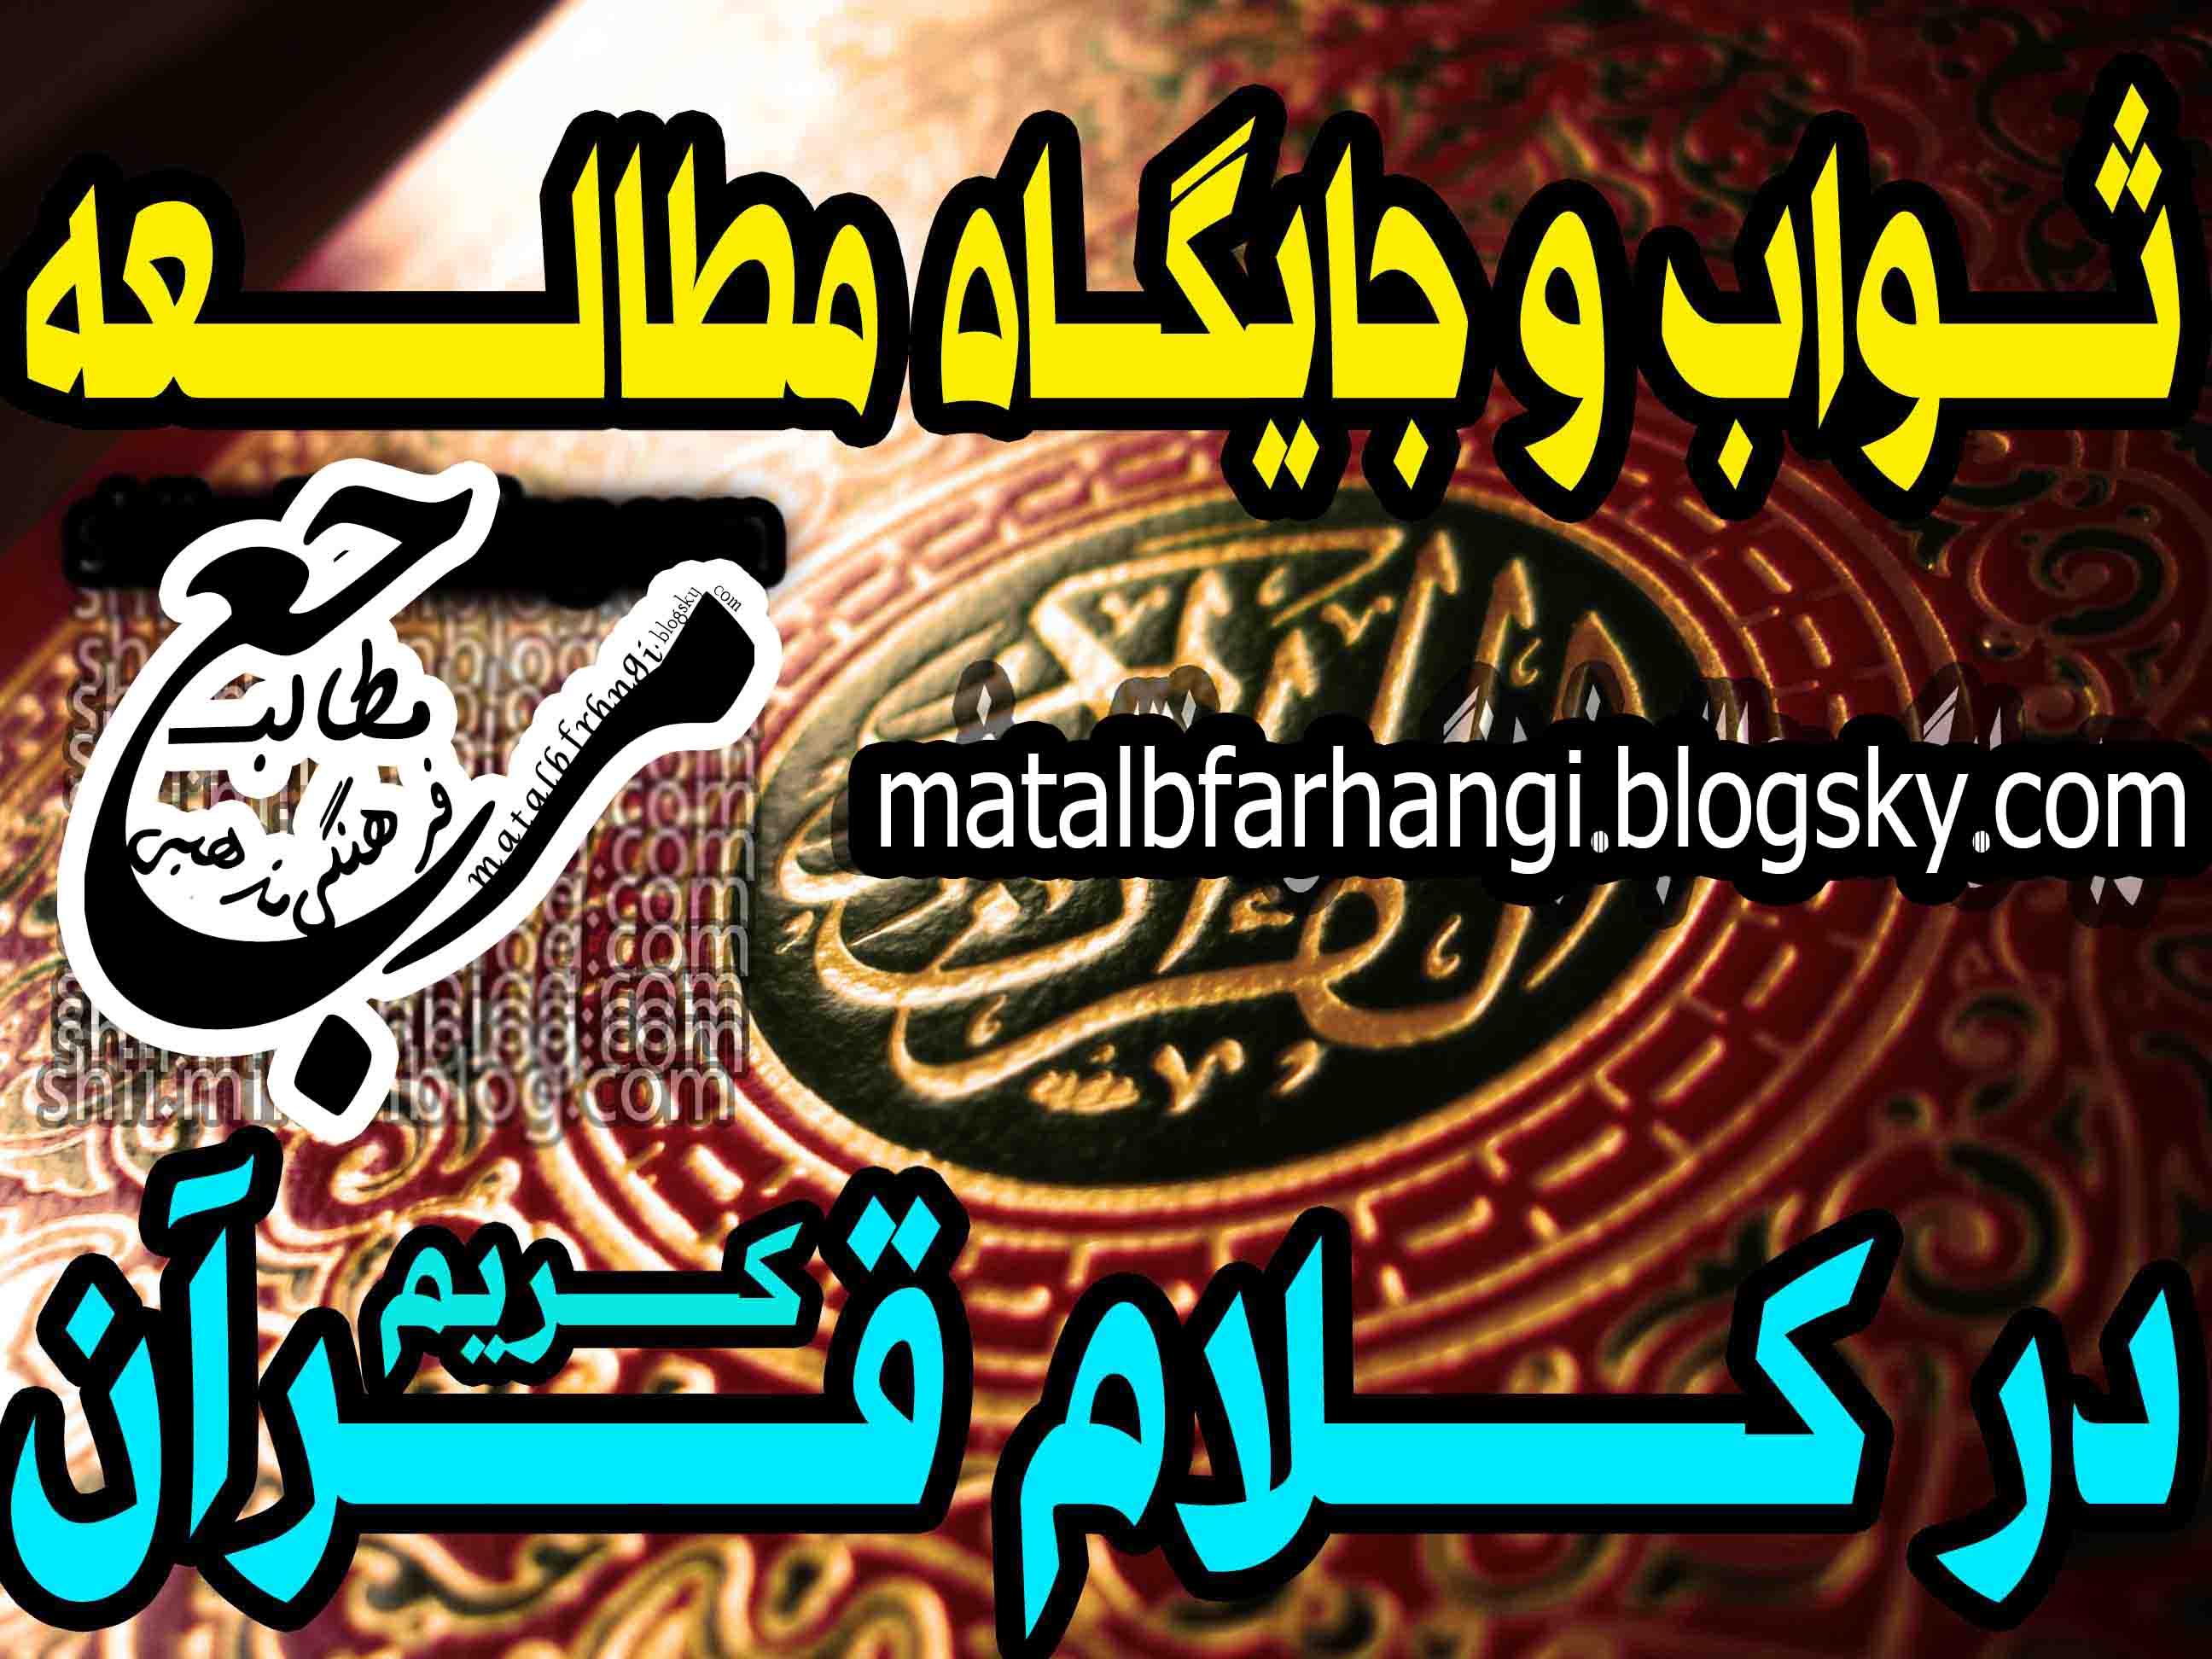 مرجع مطالب فرهنگی مذهبی،مطالب داغ،ثواب و اهمیت مطالعه کردن در اسلام